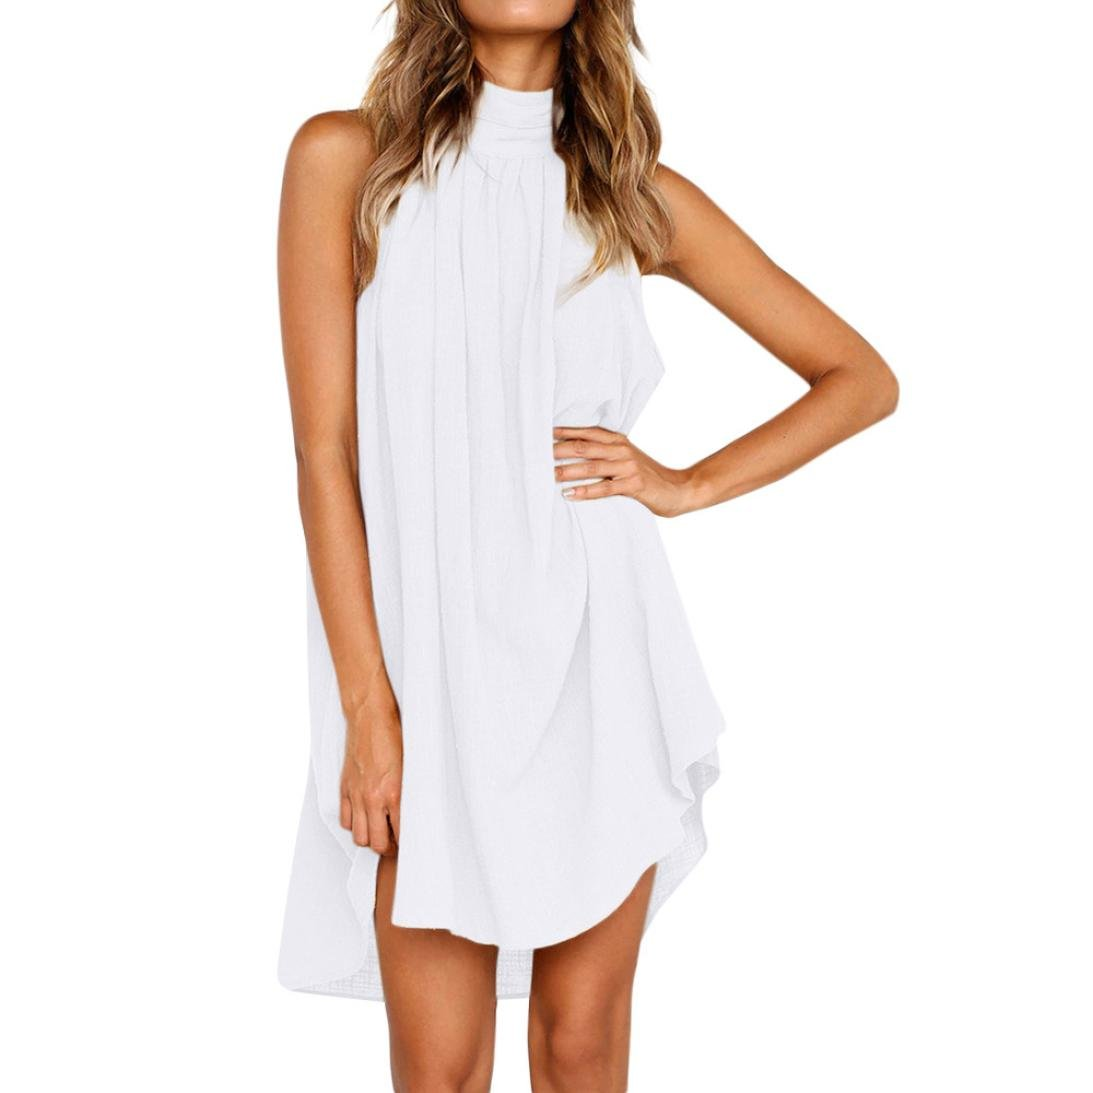 CUCUHAM Womens Holiday Irregular Dress Ladies Summer Beach Sleeveless Party Dress CUCUHAM-SHIRT.N0.6